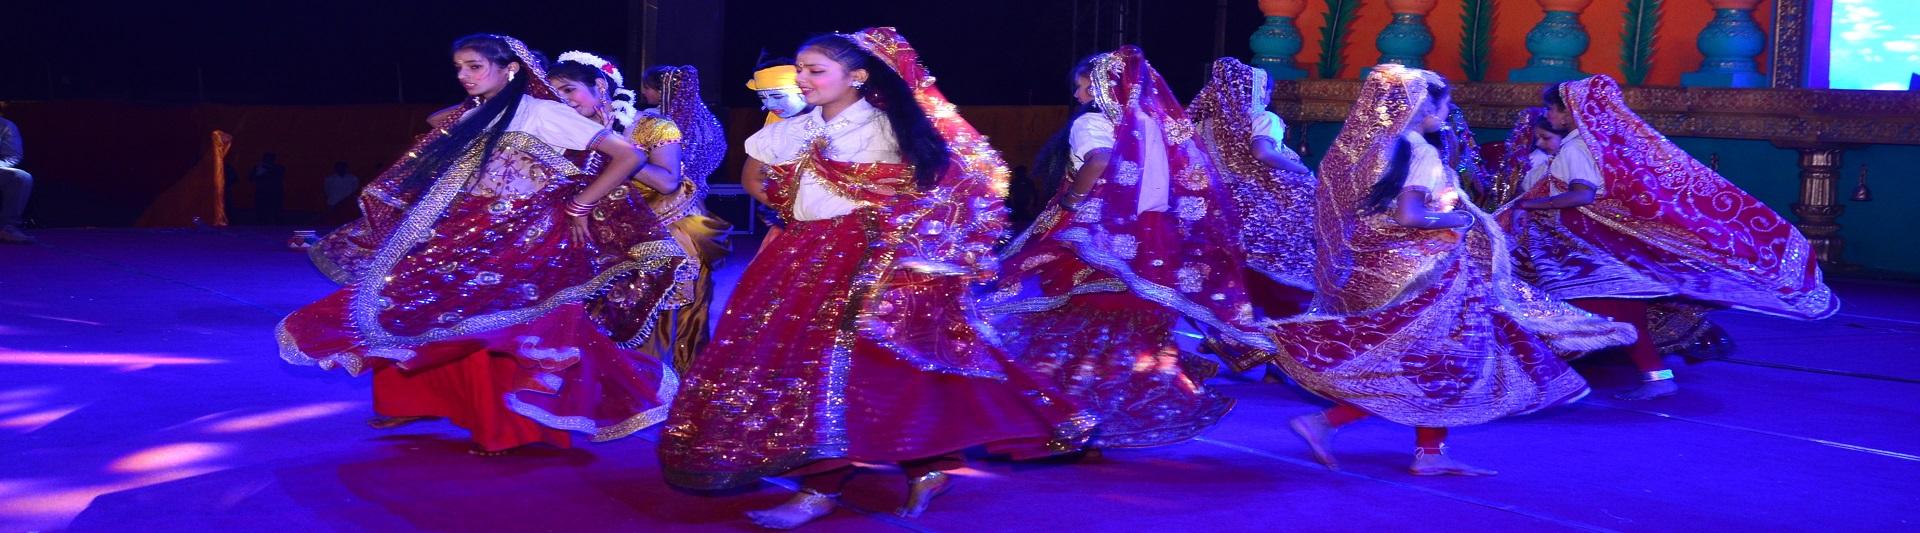 महोत्सव में छात्राओं द्वारा लोक नृत्य